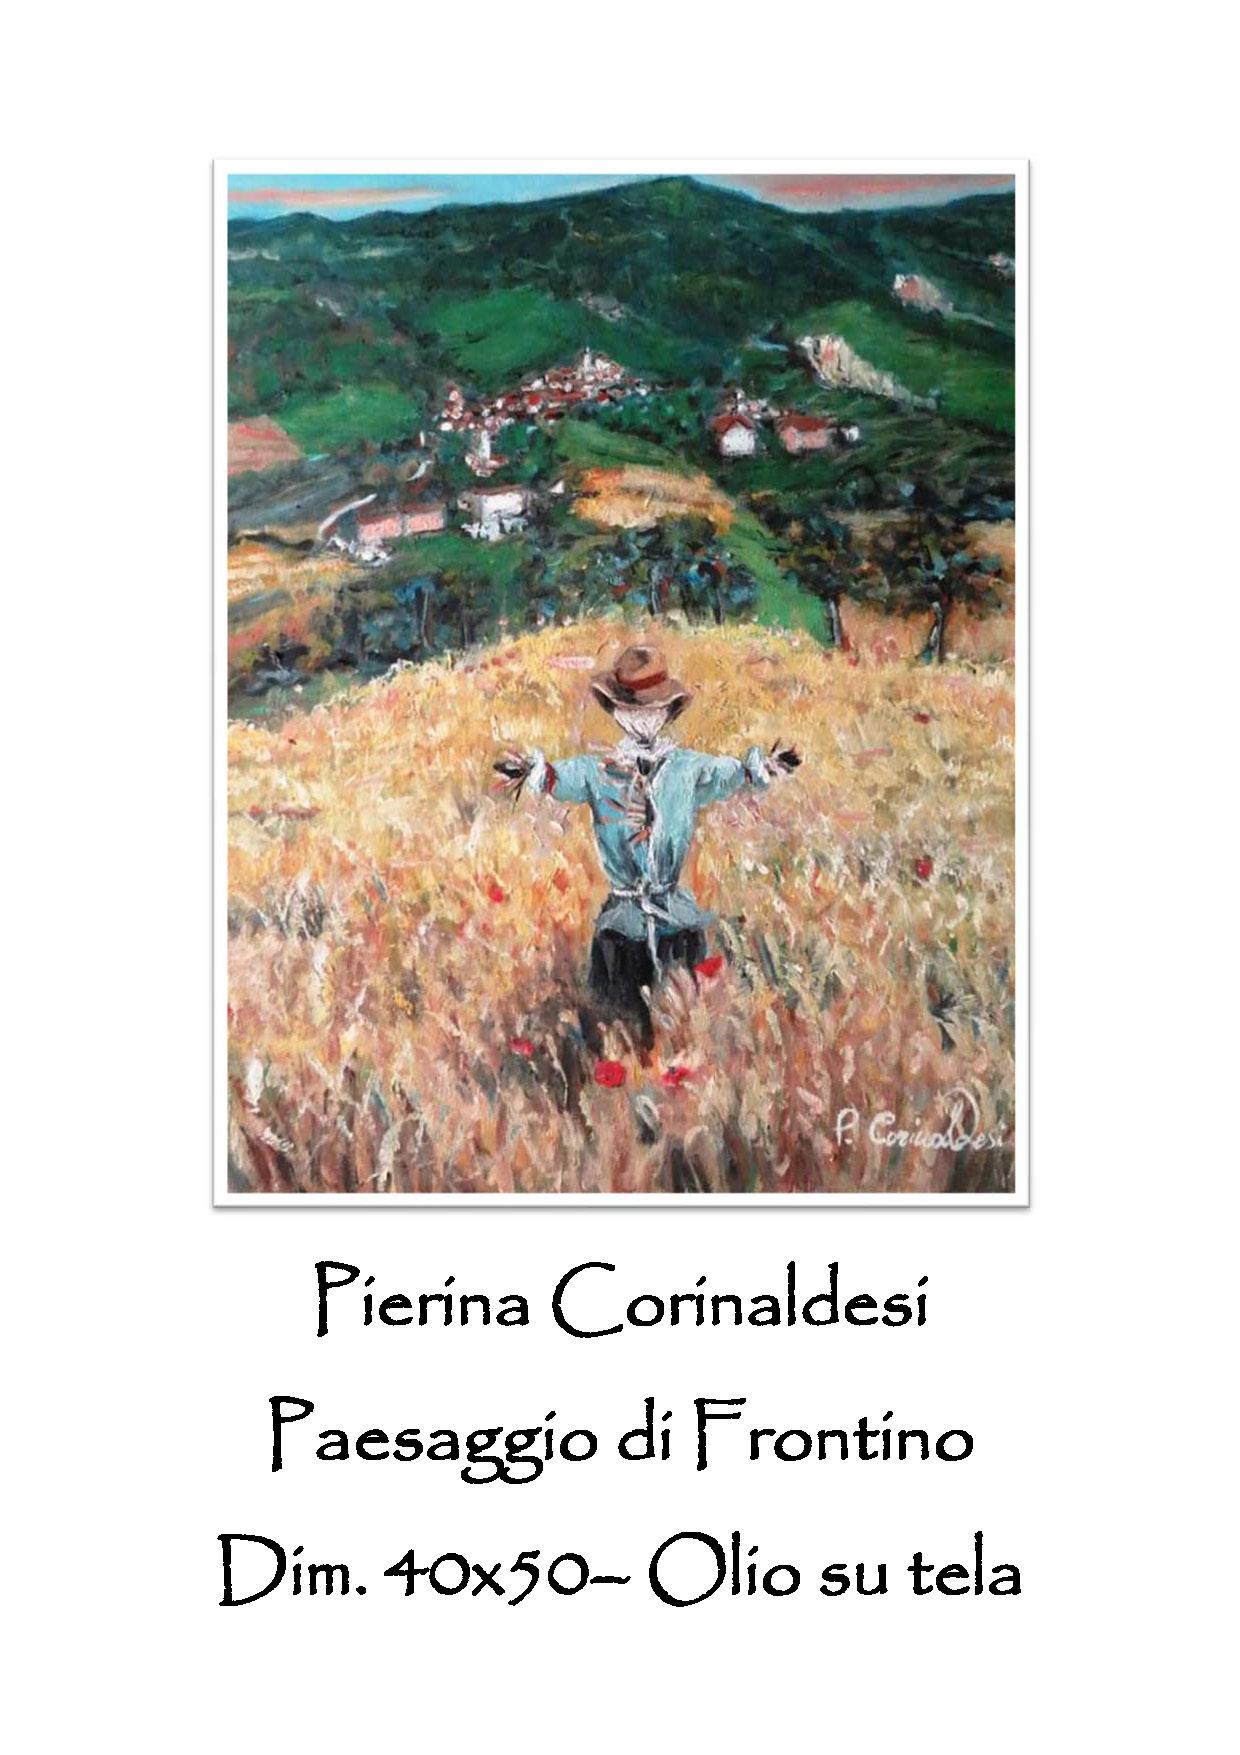 http://www.proartpiagge.it/wp-content/uploads/2020/04/Pierina-3.jpg